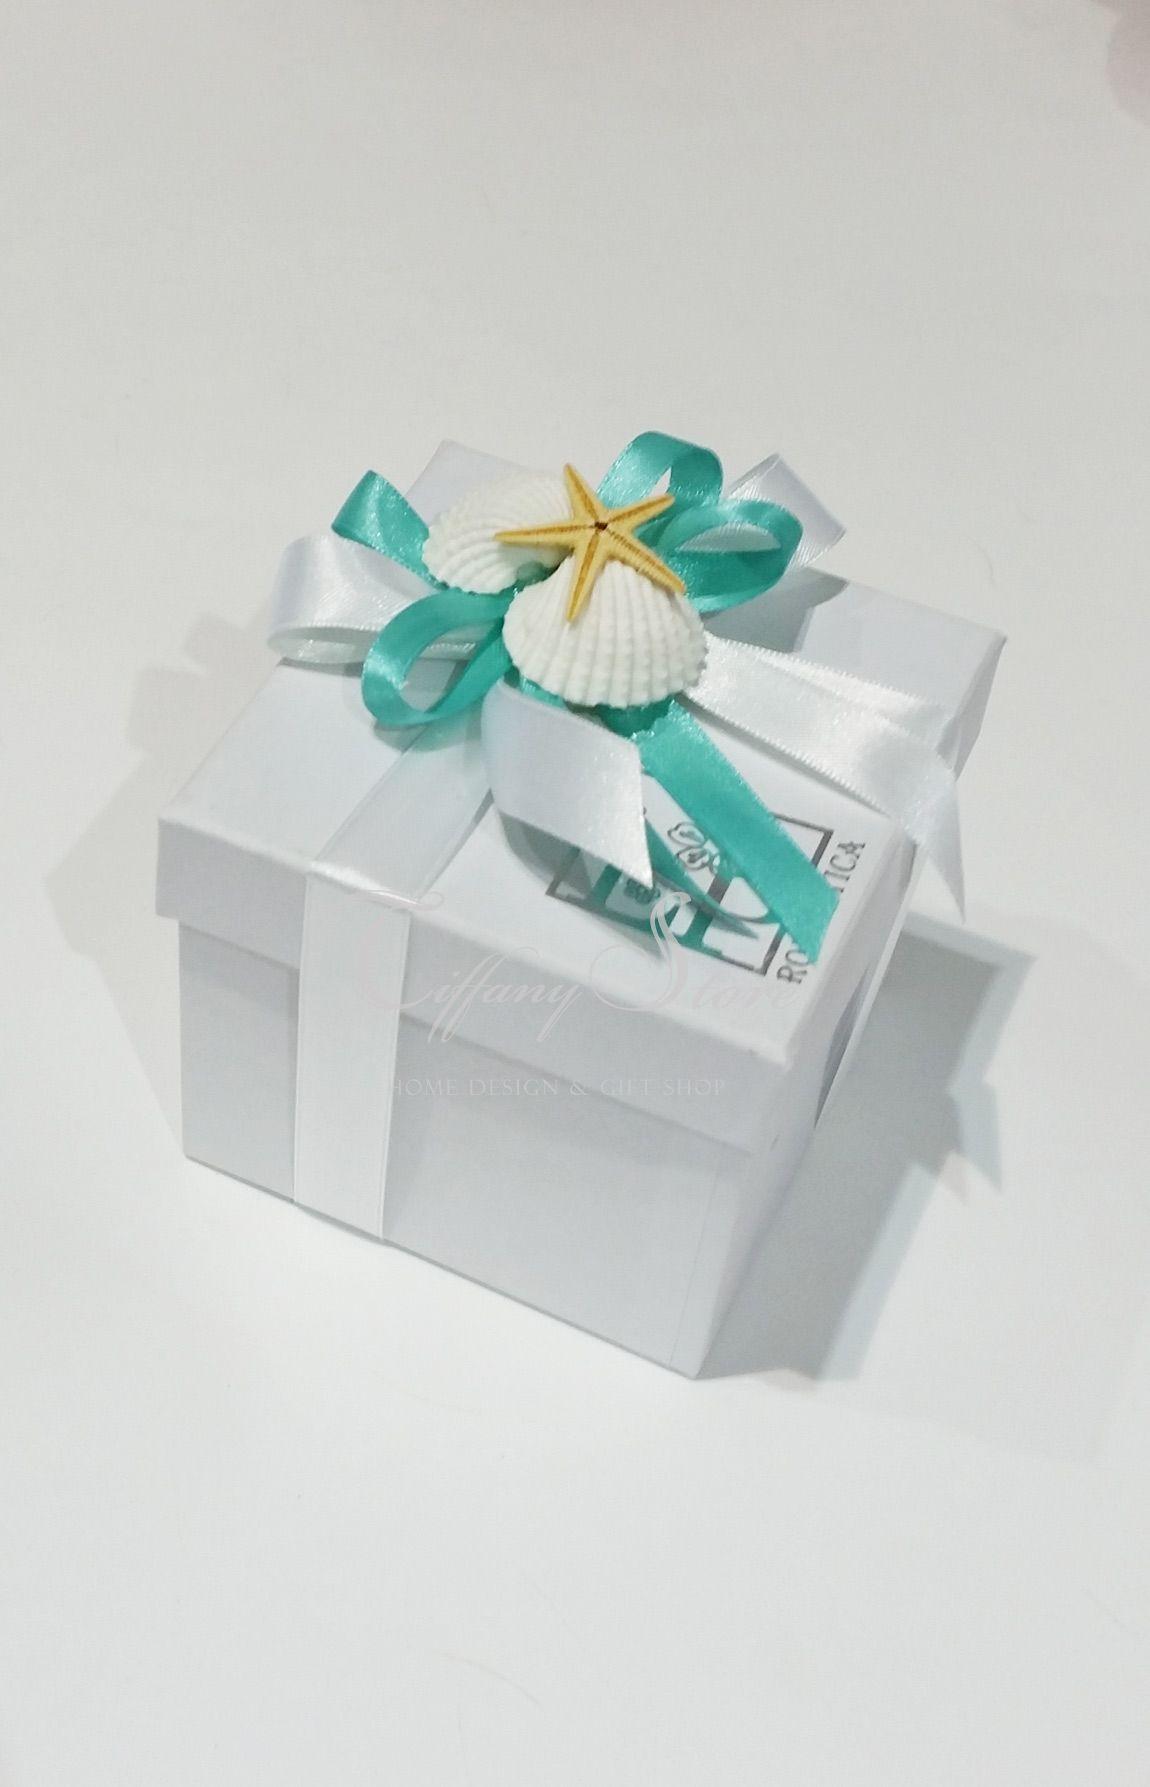 Baking Accs. & Cake Decorating Reasonable 20 Scatole Contenente Confetti Matrimonio Sposa Costume Nuovo